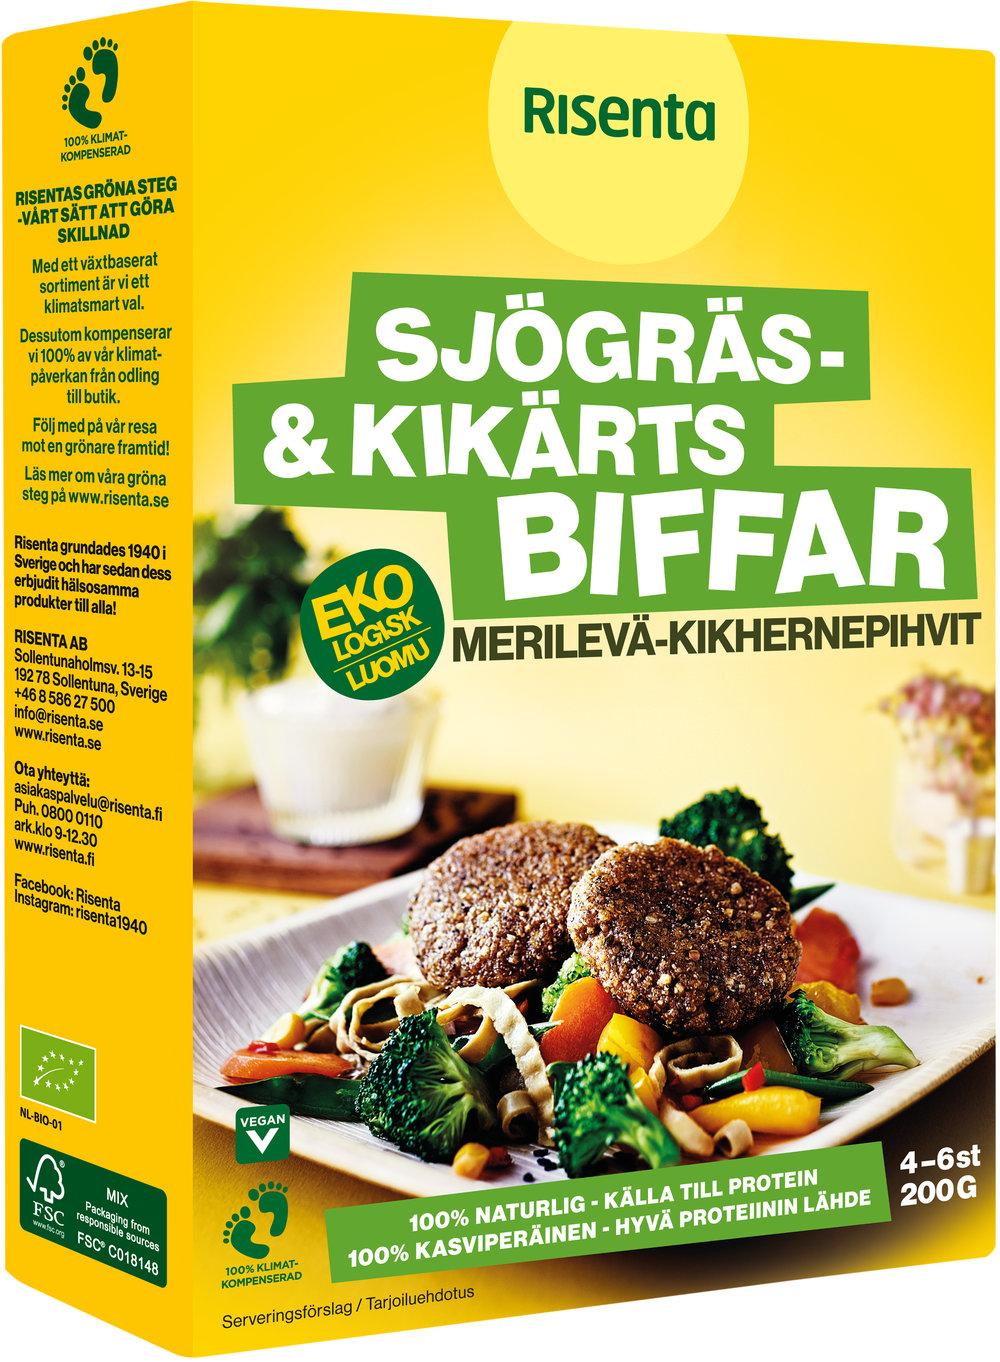 Risenta-Vegorätt-Sjögräs-kikärtsbiffar-200-g.jpg